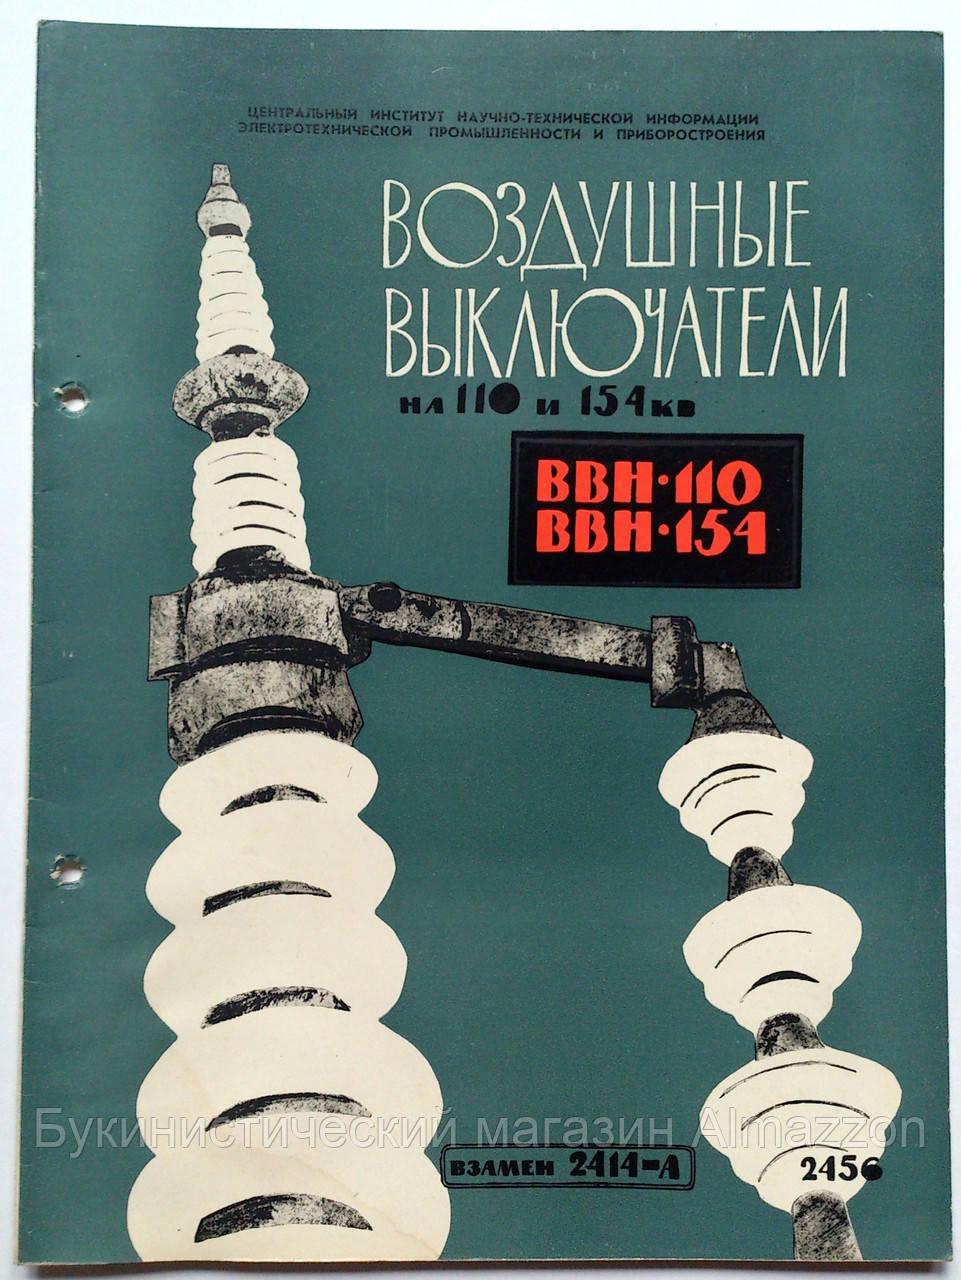 """Журнал (Бюллетень) ЦИНТИ """"Воздушные выключатели на 110 и 154 кв ВВН-110 ВВН-154"""" 1961 год"""